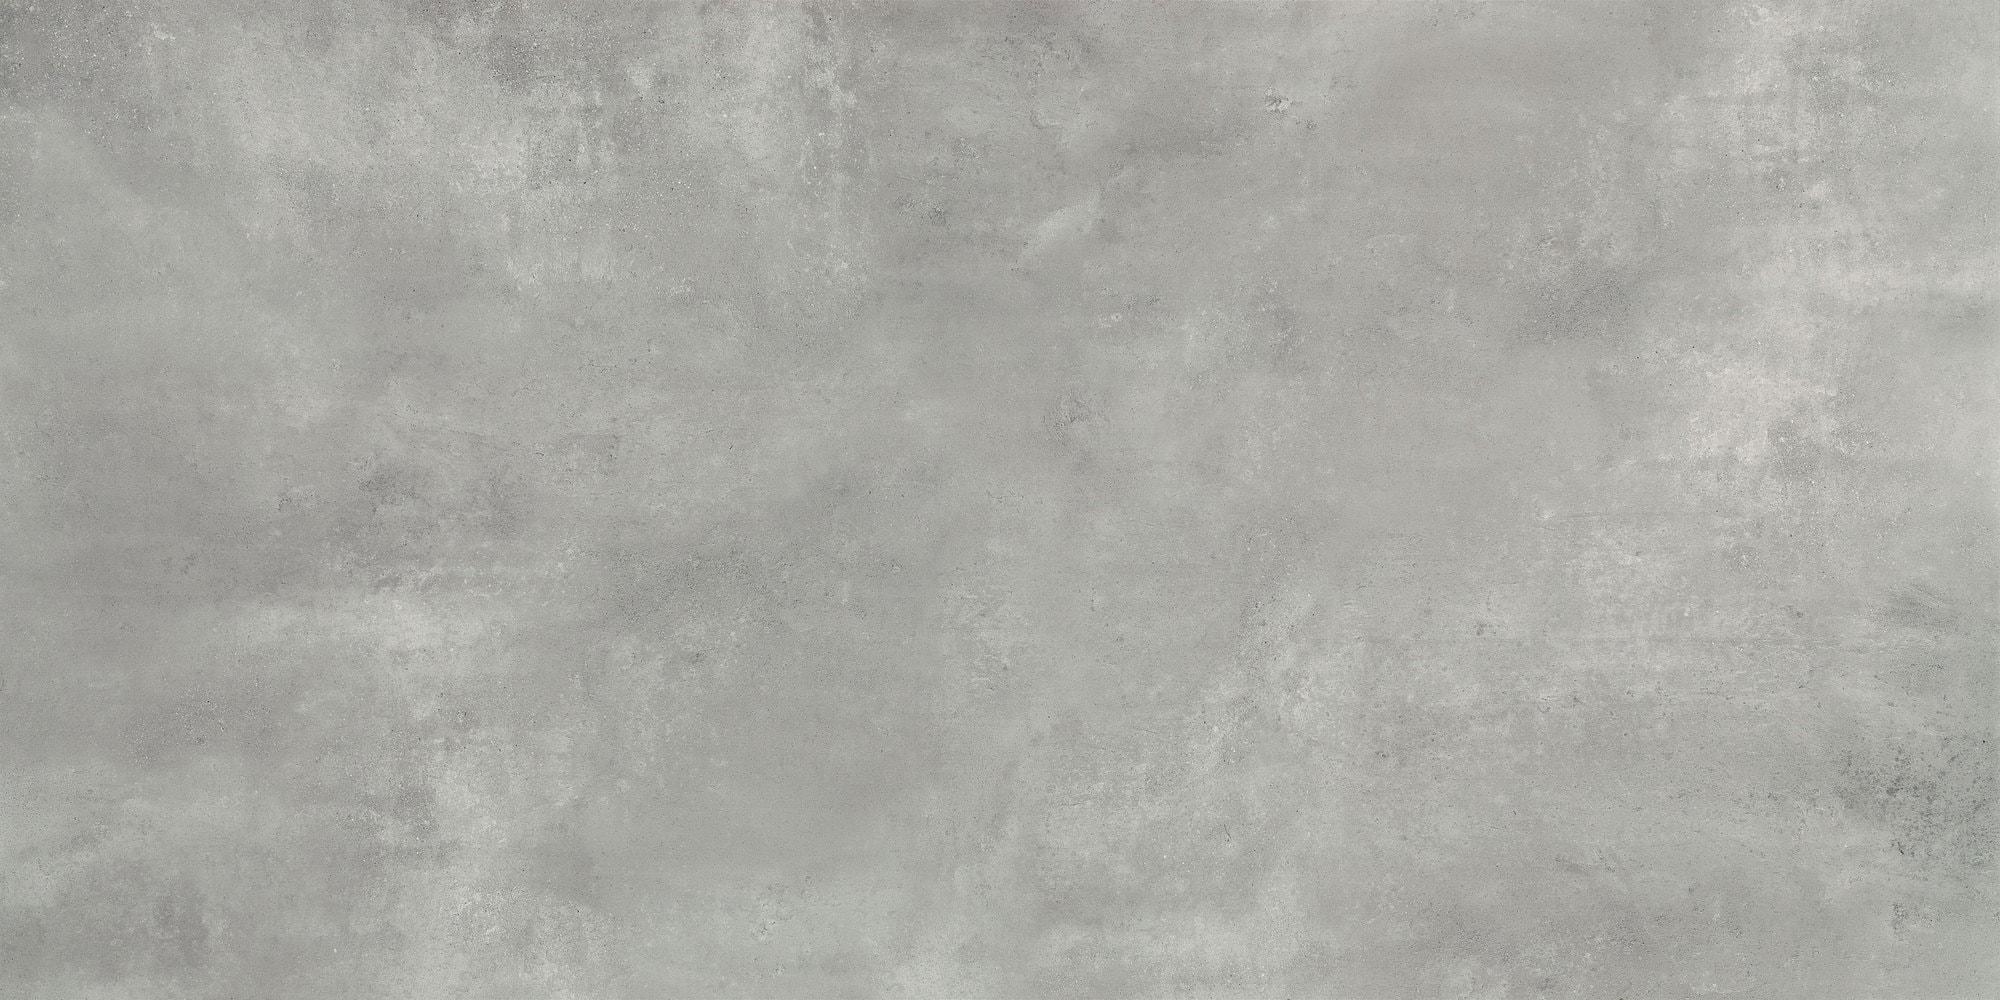 Płytka podłogowa Tubądzin EPOXY GRAPHITE 1 POL 239,8x119,8 cm